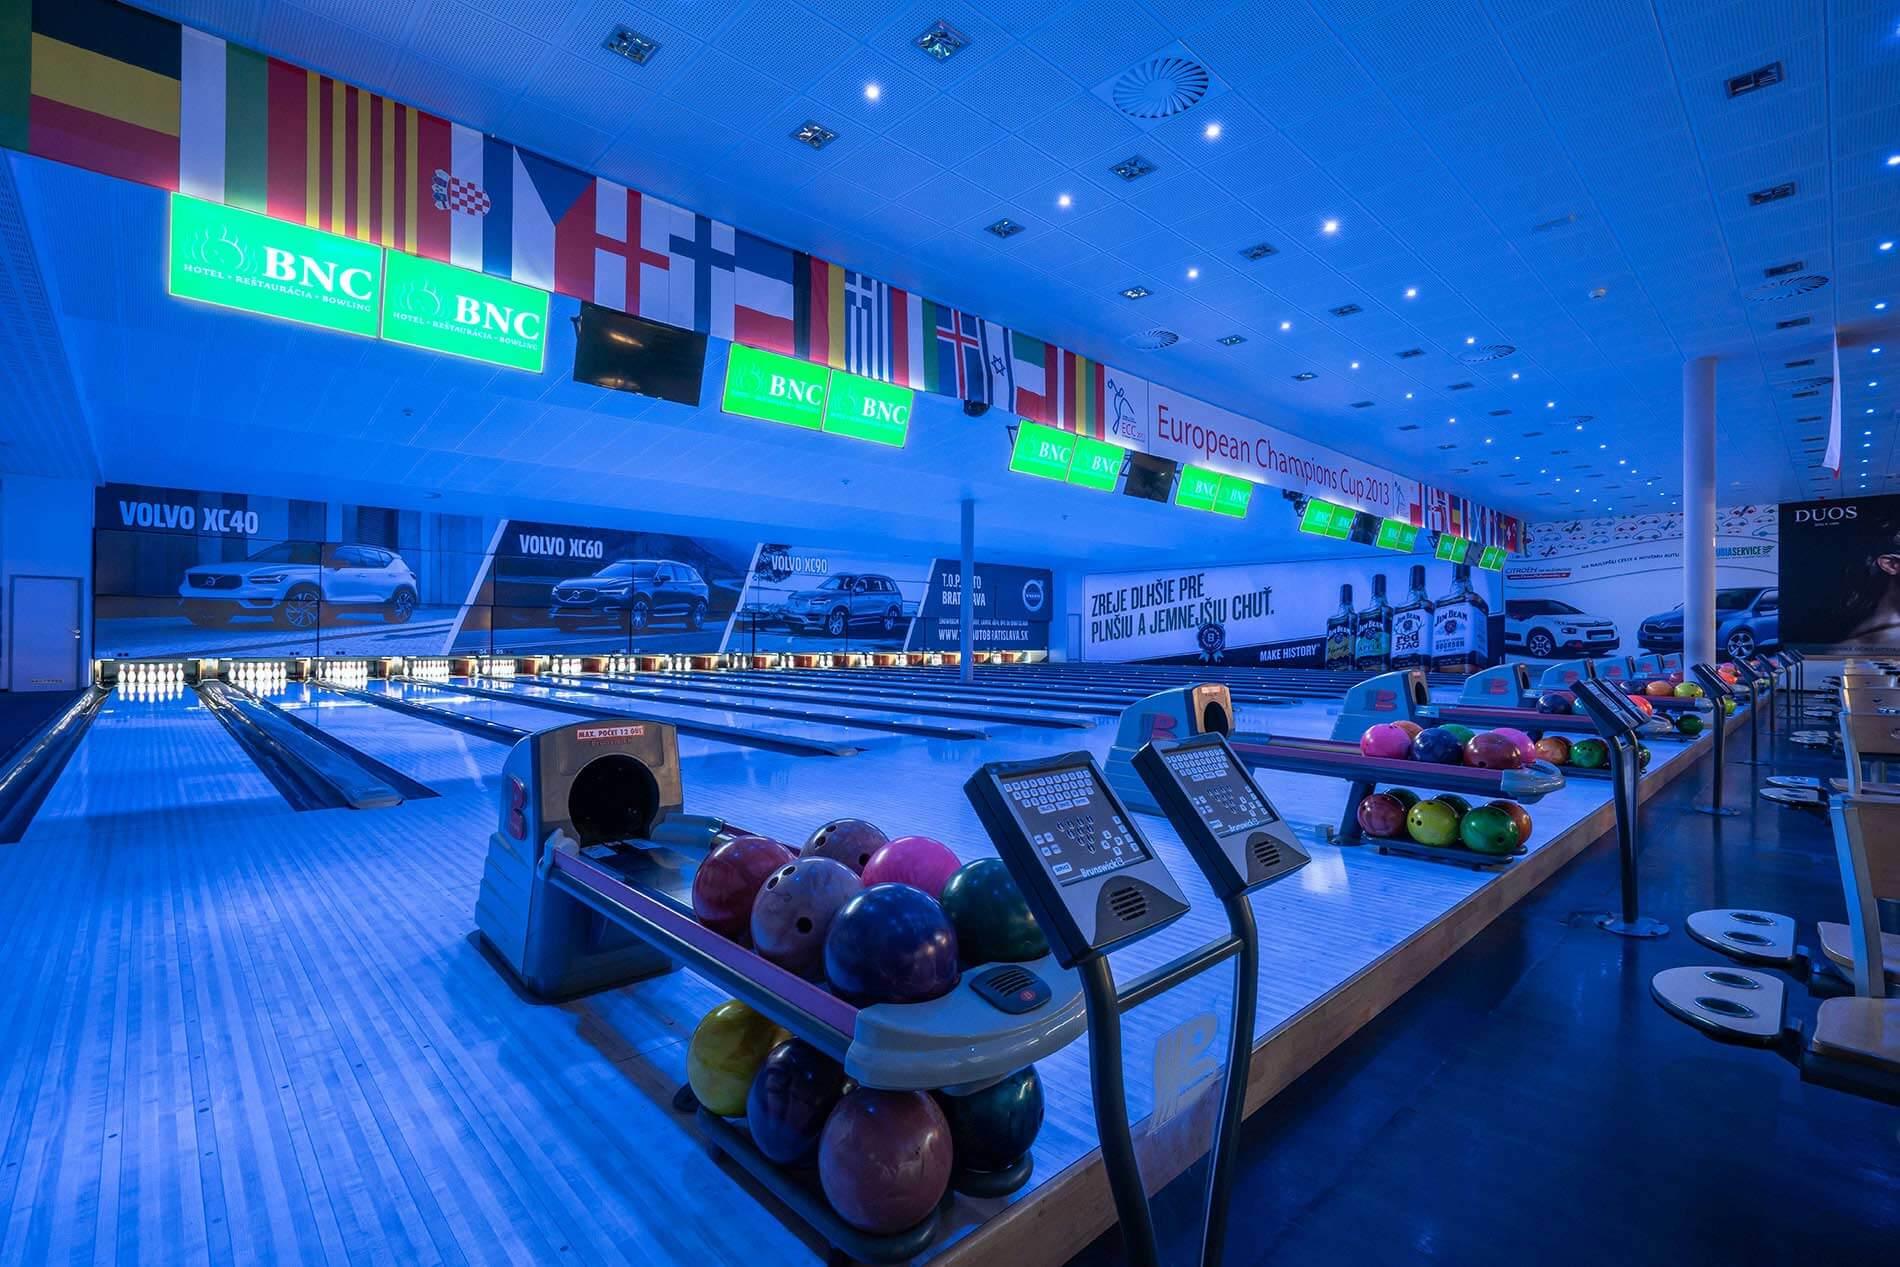 Narodne bowlingove centrum, ozvucenie, akustika a videoprojekcia - MediaTech